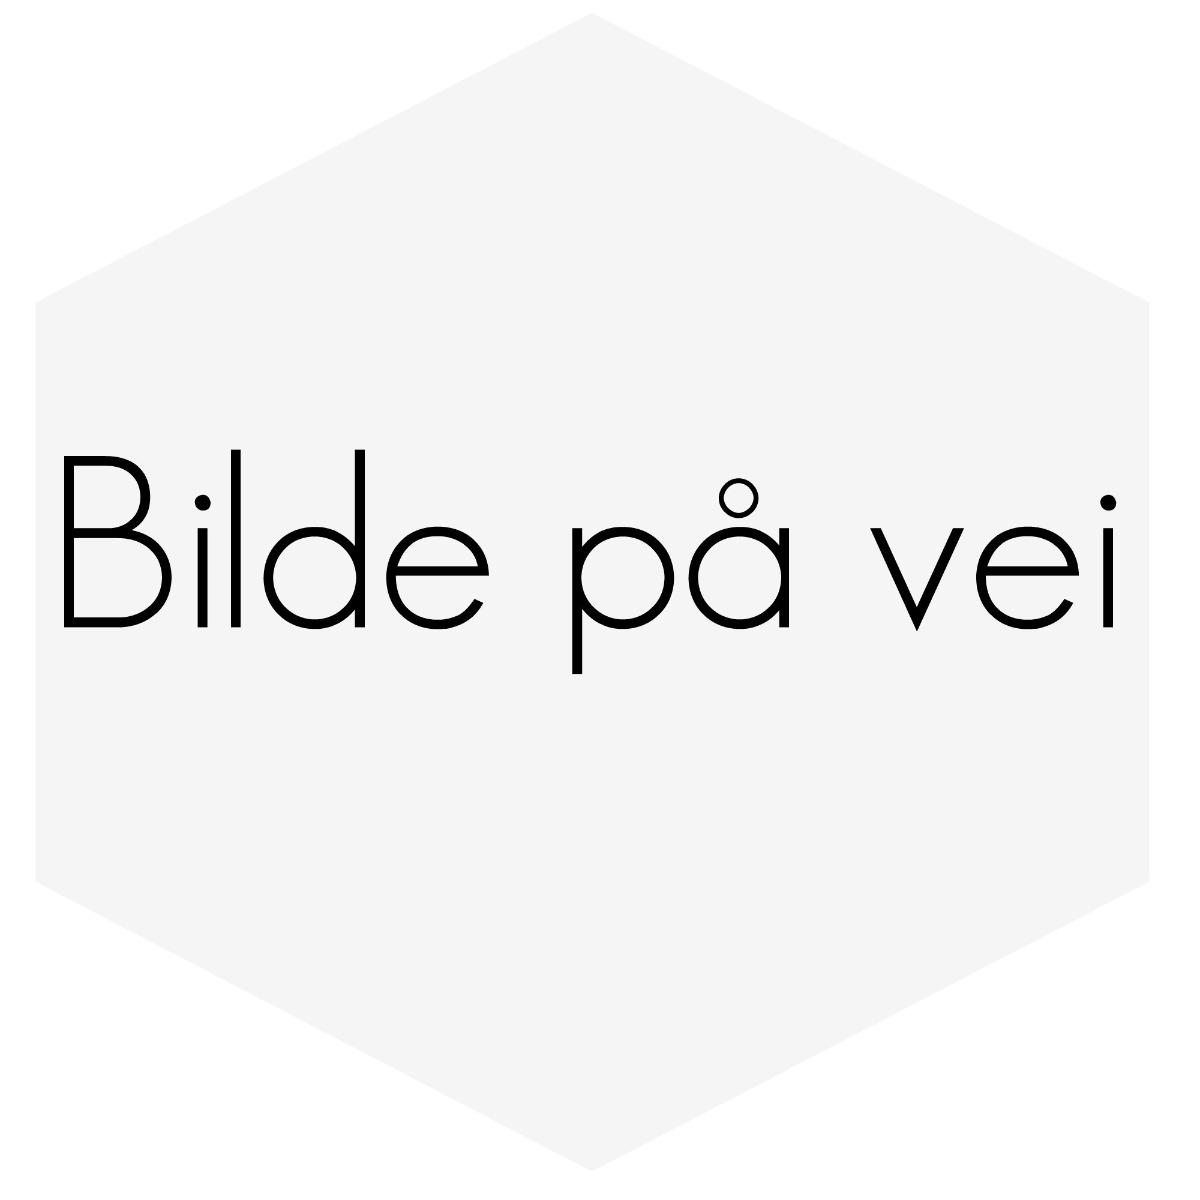 EKSOS ENDEPOTTE 3TUM INN 4,5TUM UT SKRÅ RUSTFRI